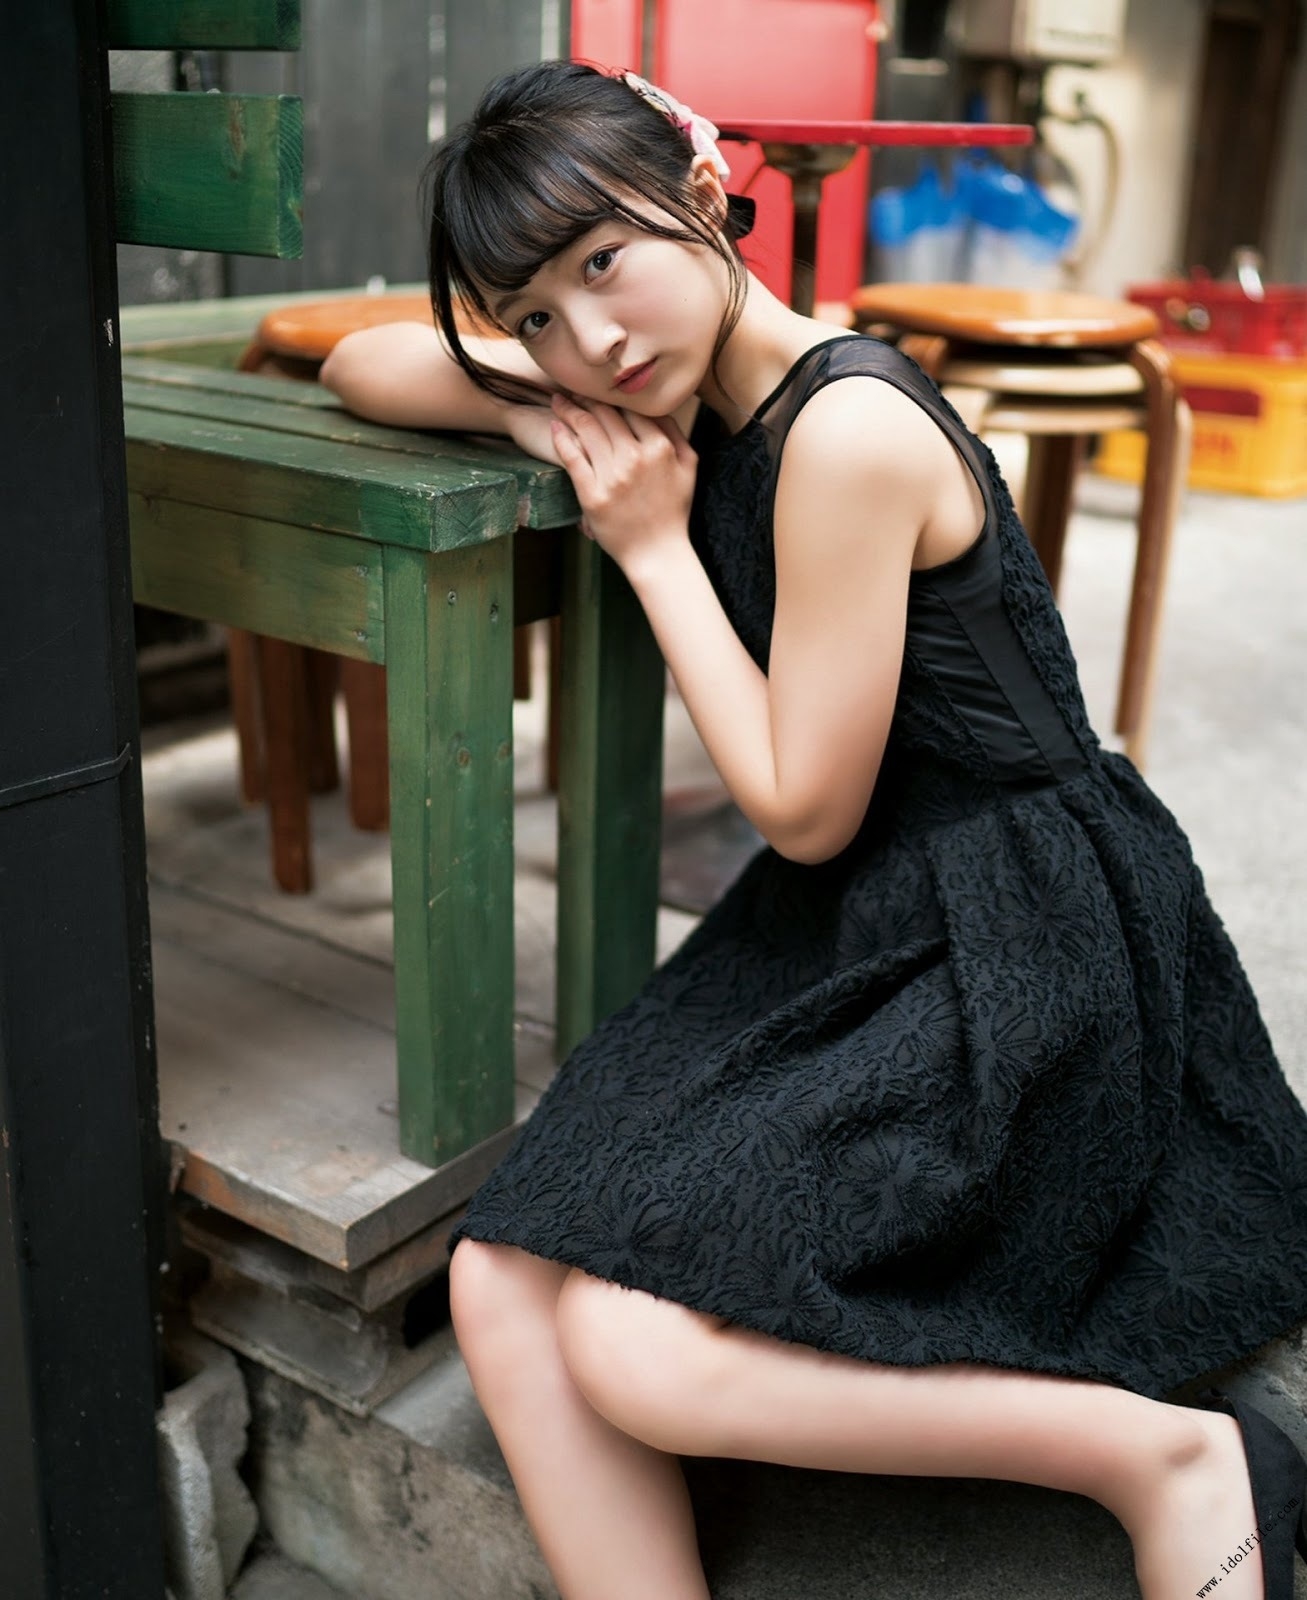 NMB48次世代王牌山本彩加引退转当护理师超暖原因让人更爱她了 网络美女 第42张